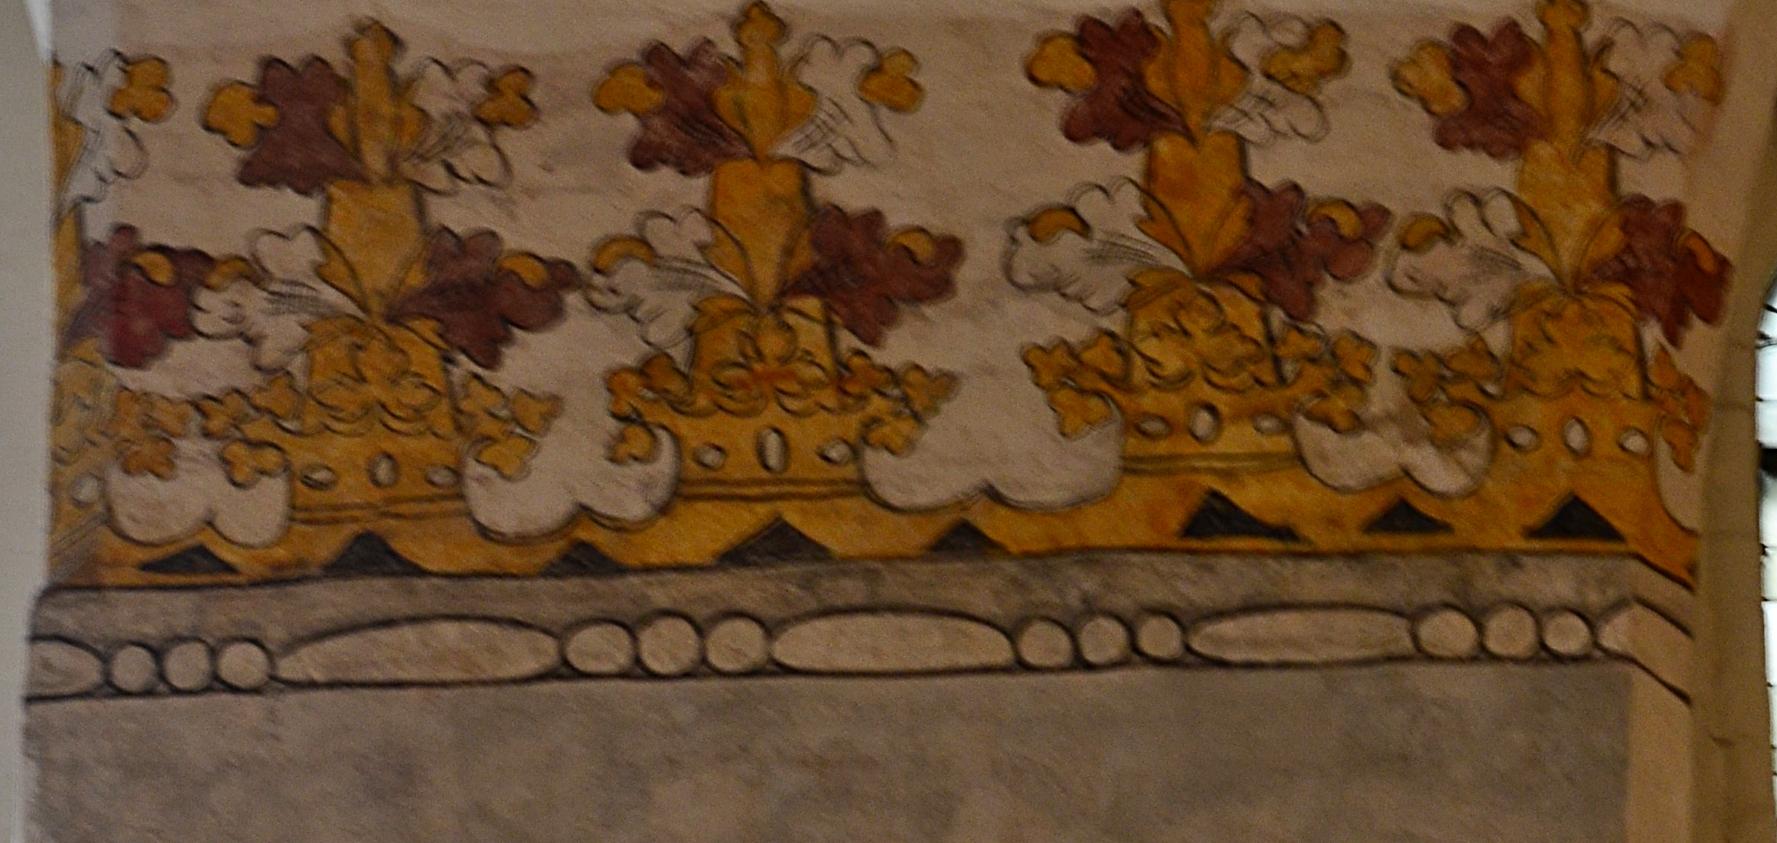 filewismar heiligen geist mittelalterliche wandbemalung 2jpg - Wandbemalung